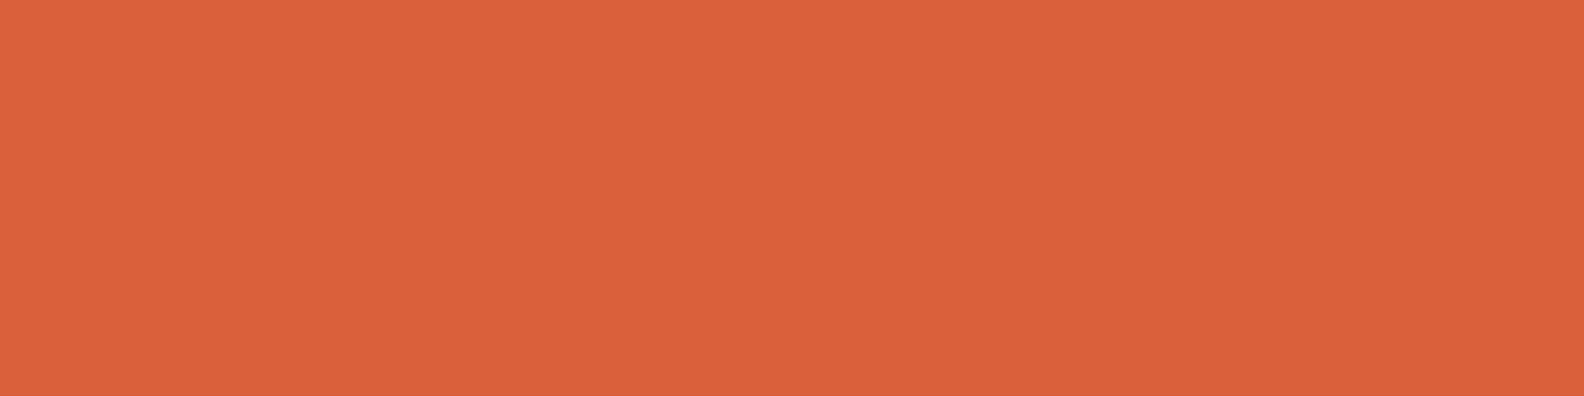 1584x396 Vermilion Plochere Solid Color Background